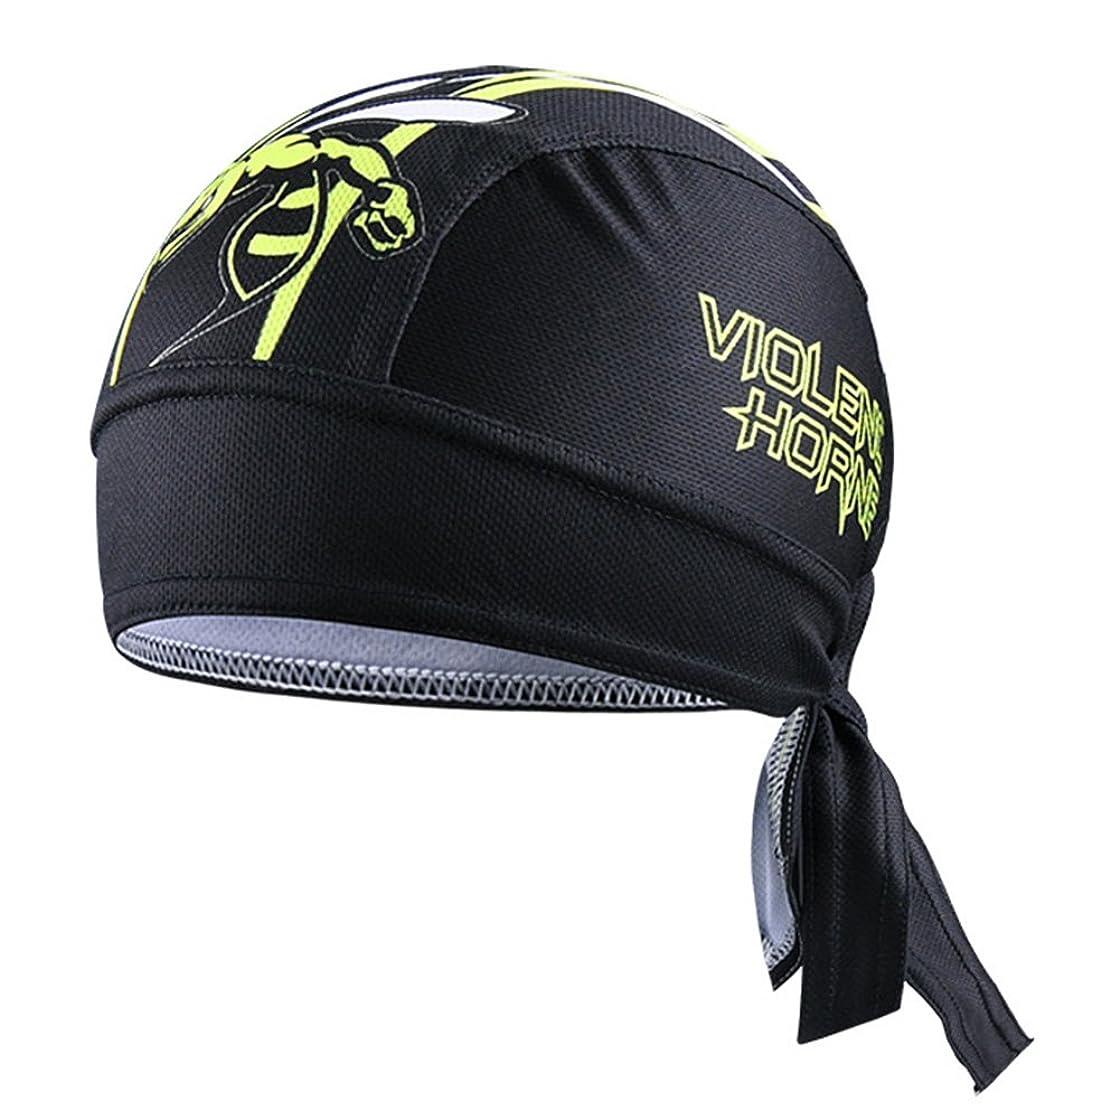 悪因子急襲ポルノLiebeye サイクリングスカーフ 乗馬 通気性 速乾性 キャップ 帽子 バイク海賊スカーフ ユニセック